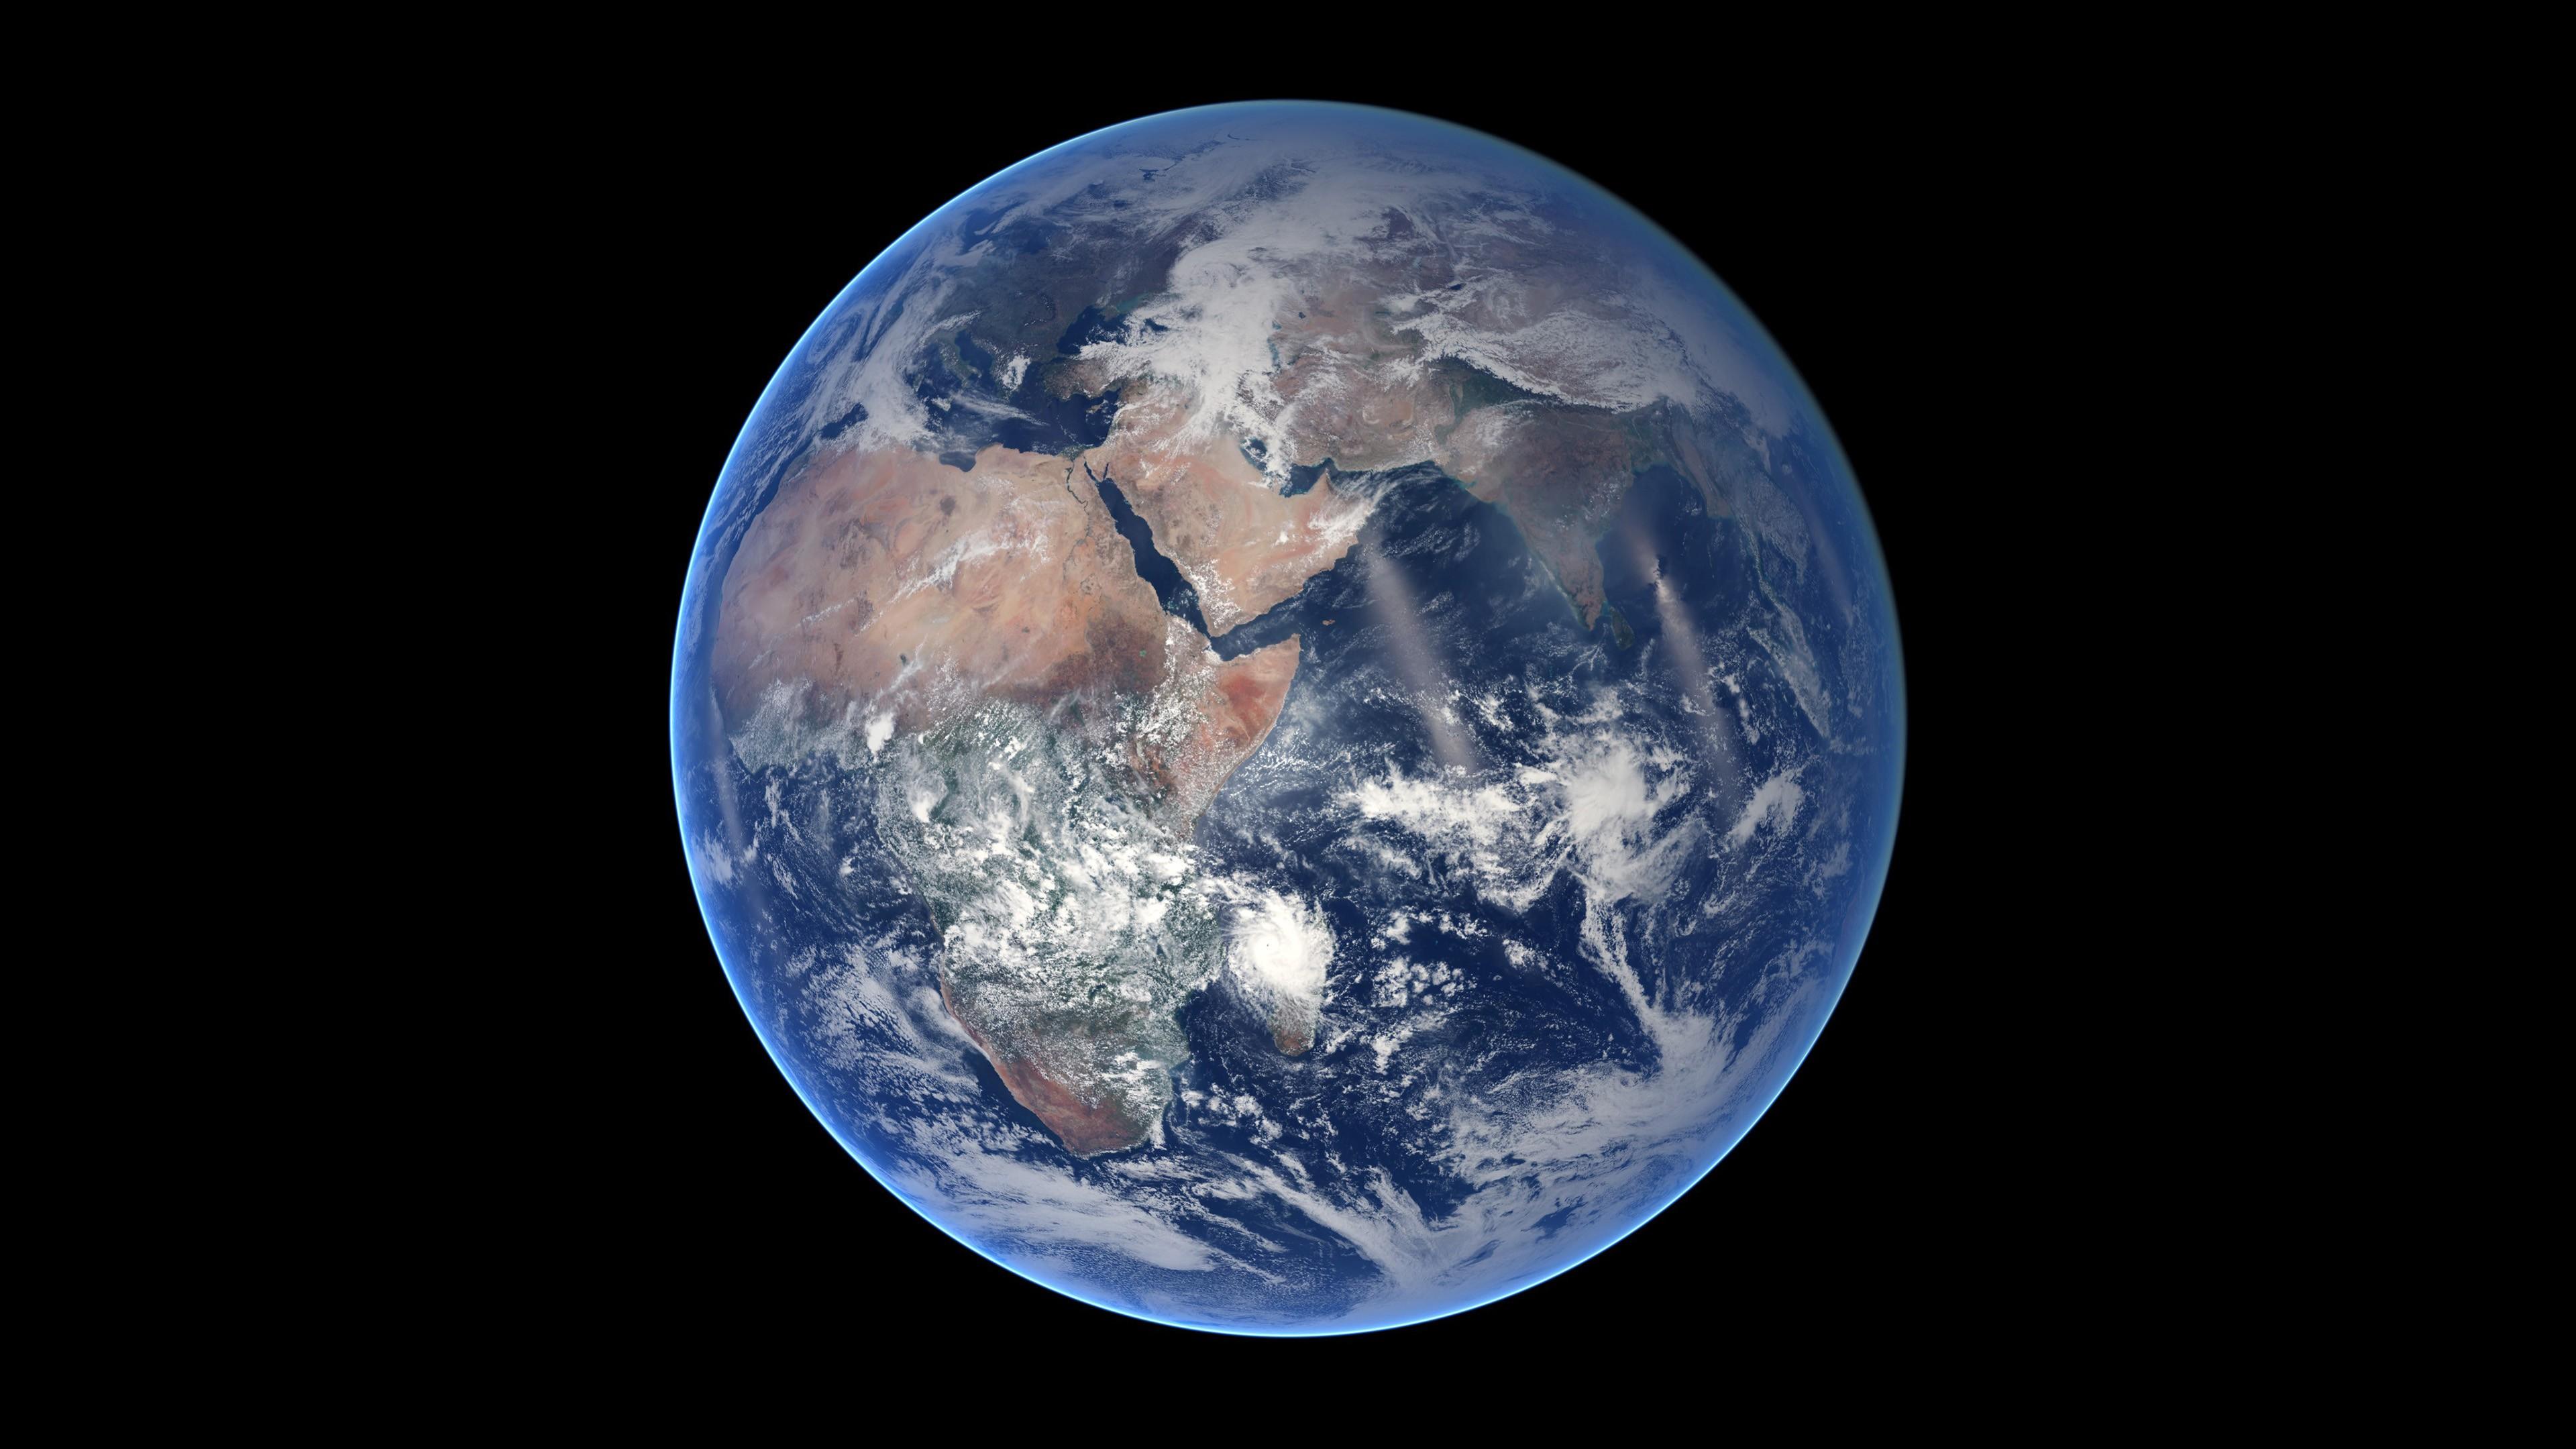 General 3840x2160 Earth minimalism space render space art digital art CGI planet